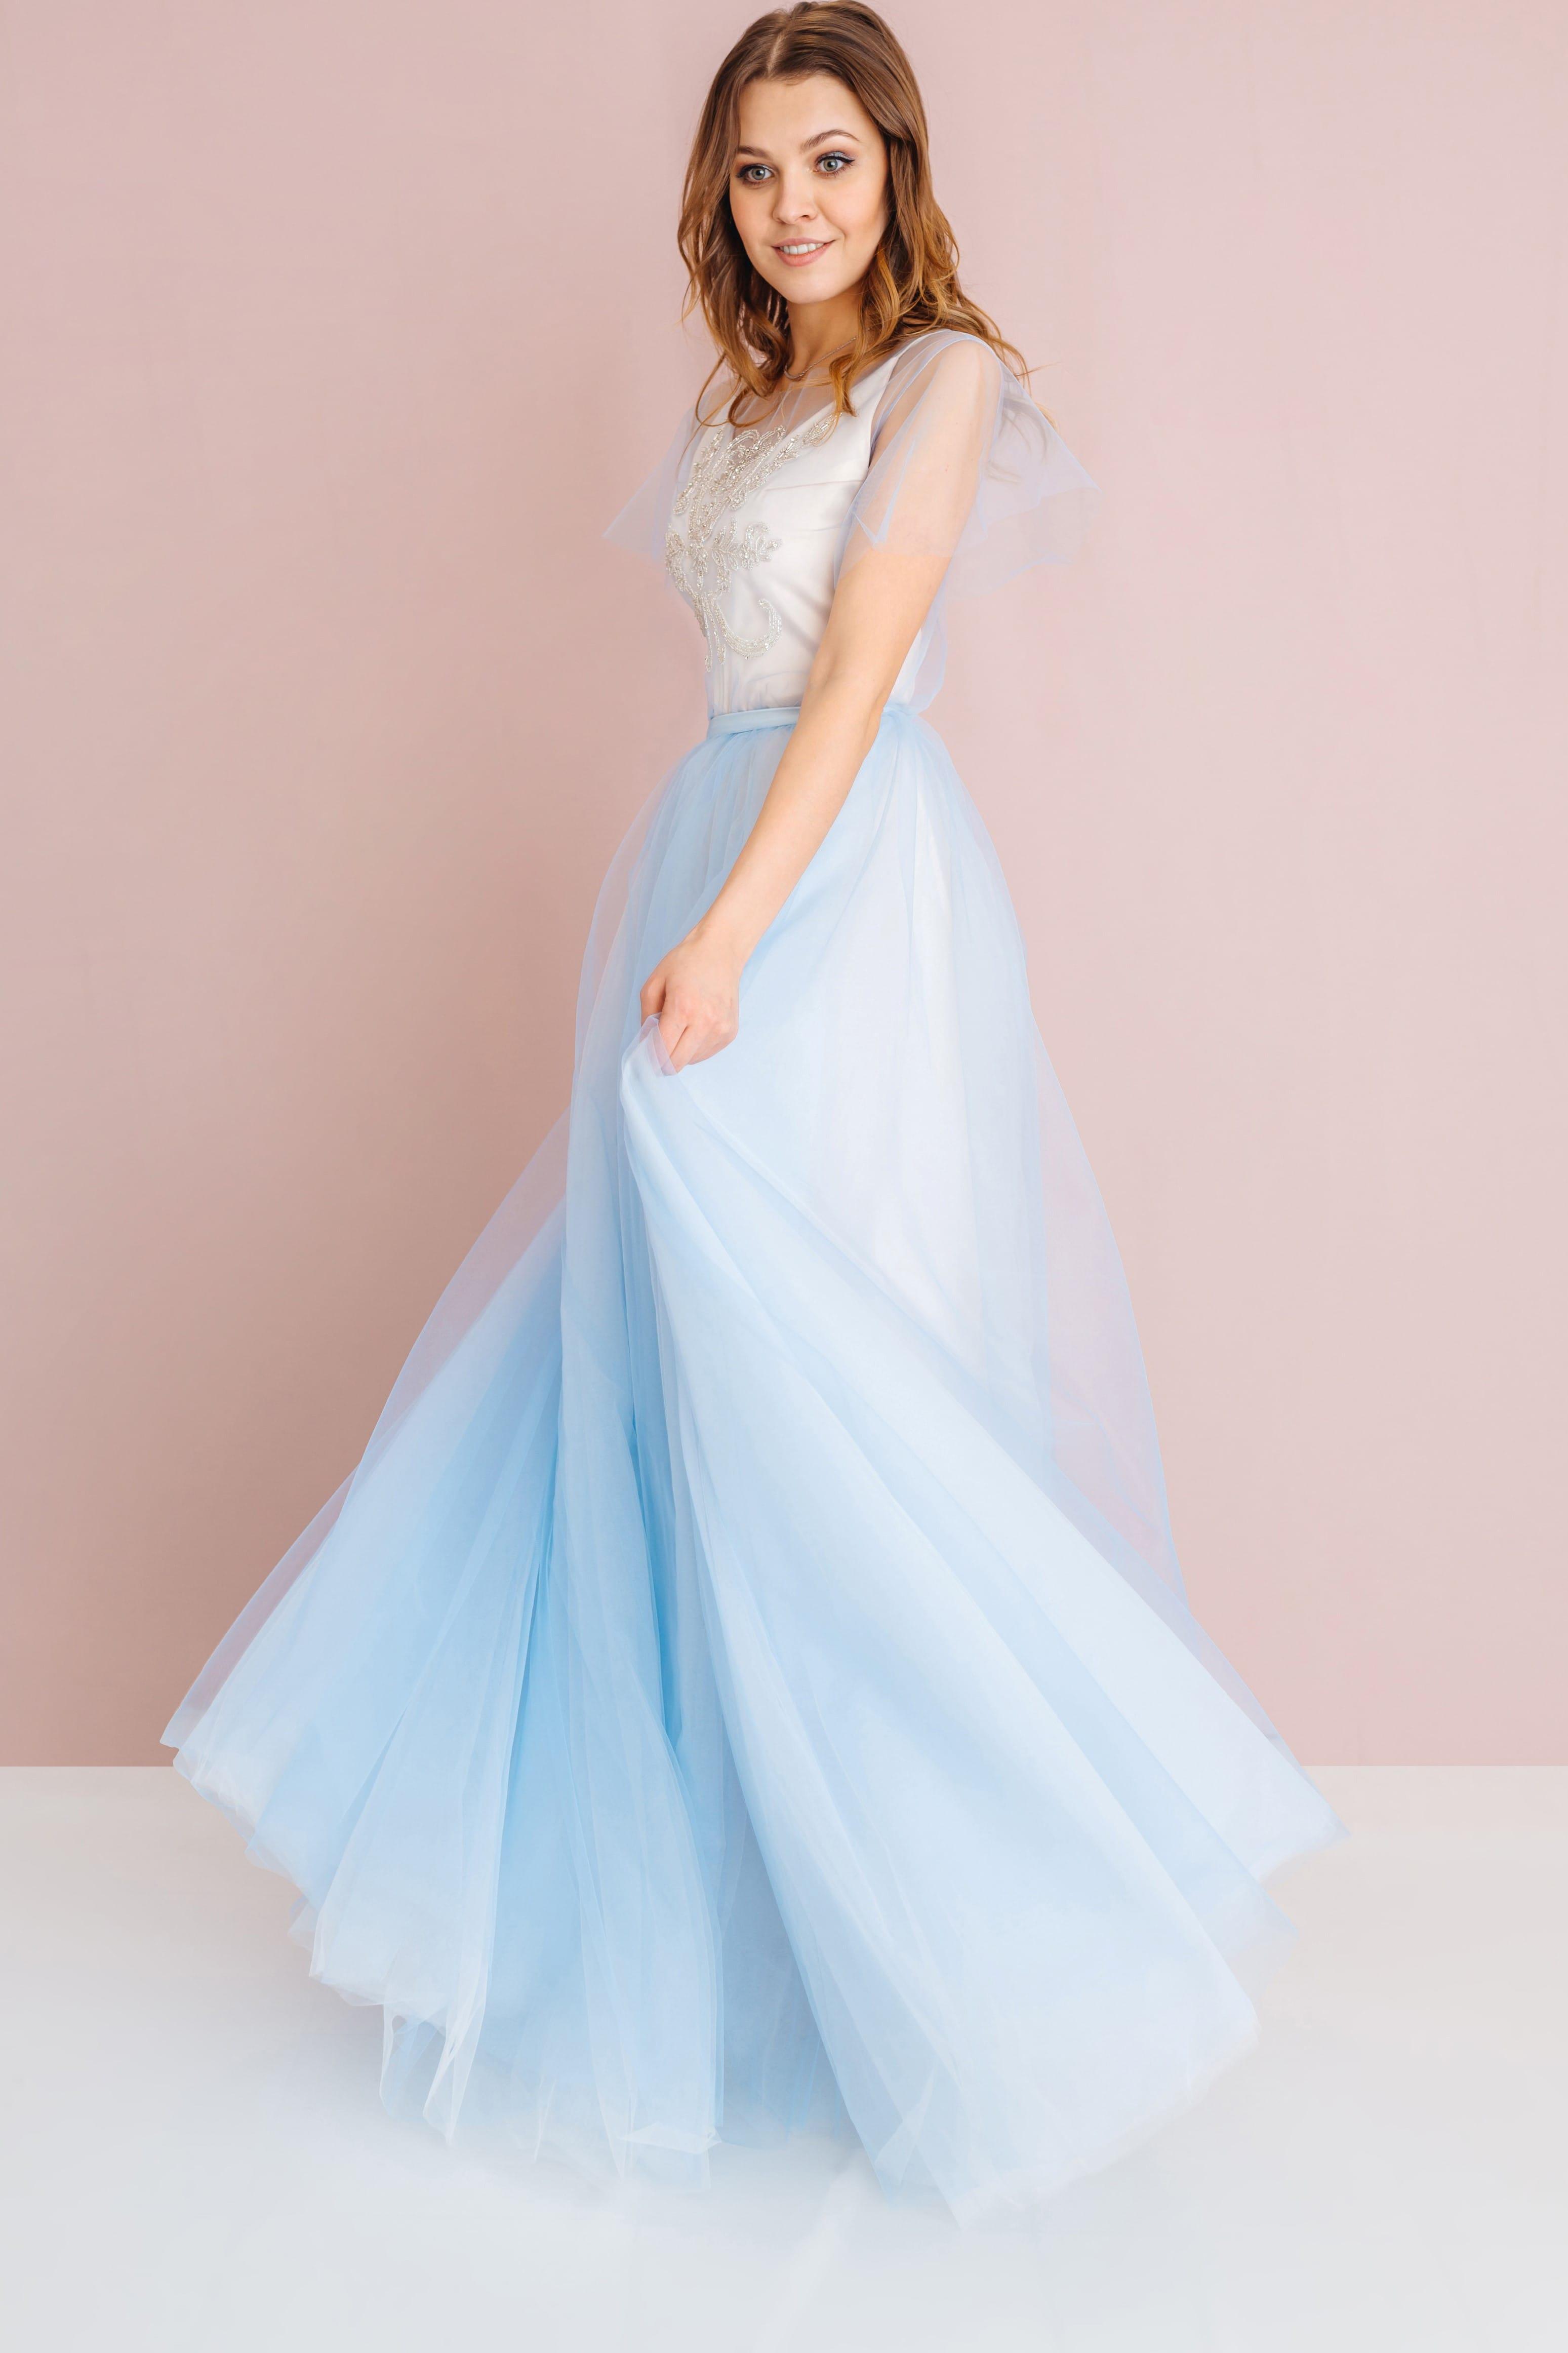 Свадебное платье LINDA, коллекция LOFT, бренд RARE BRIDAL, фото 2